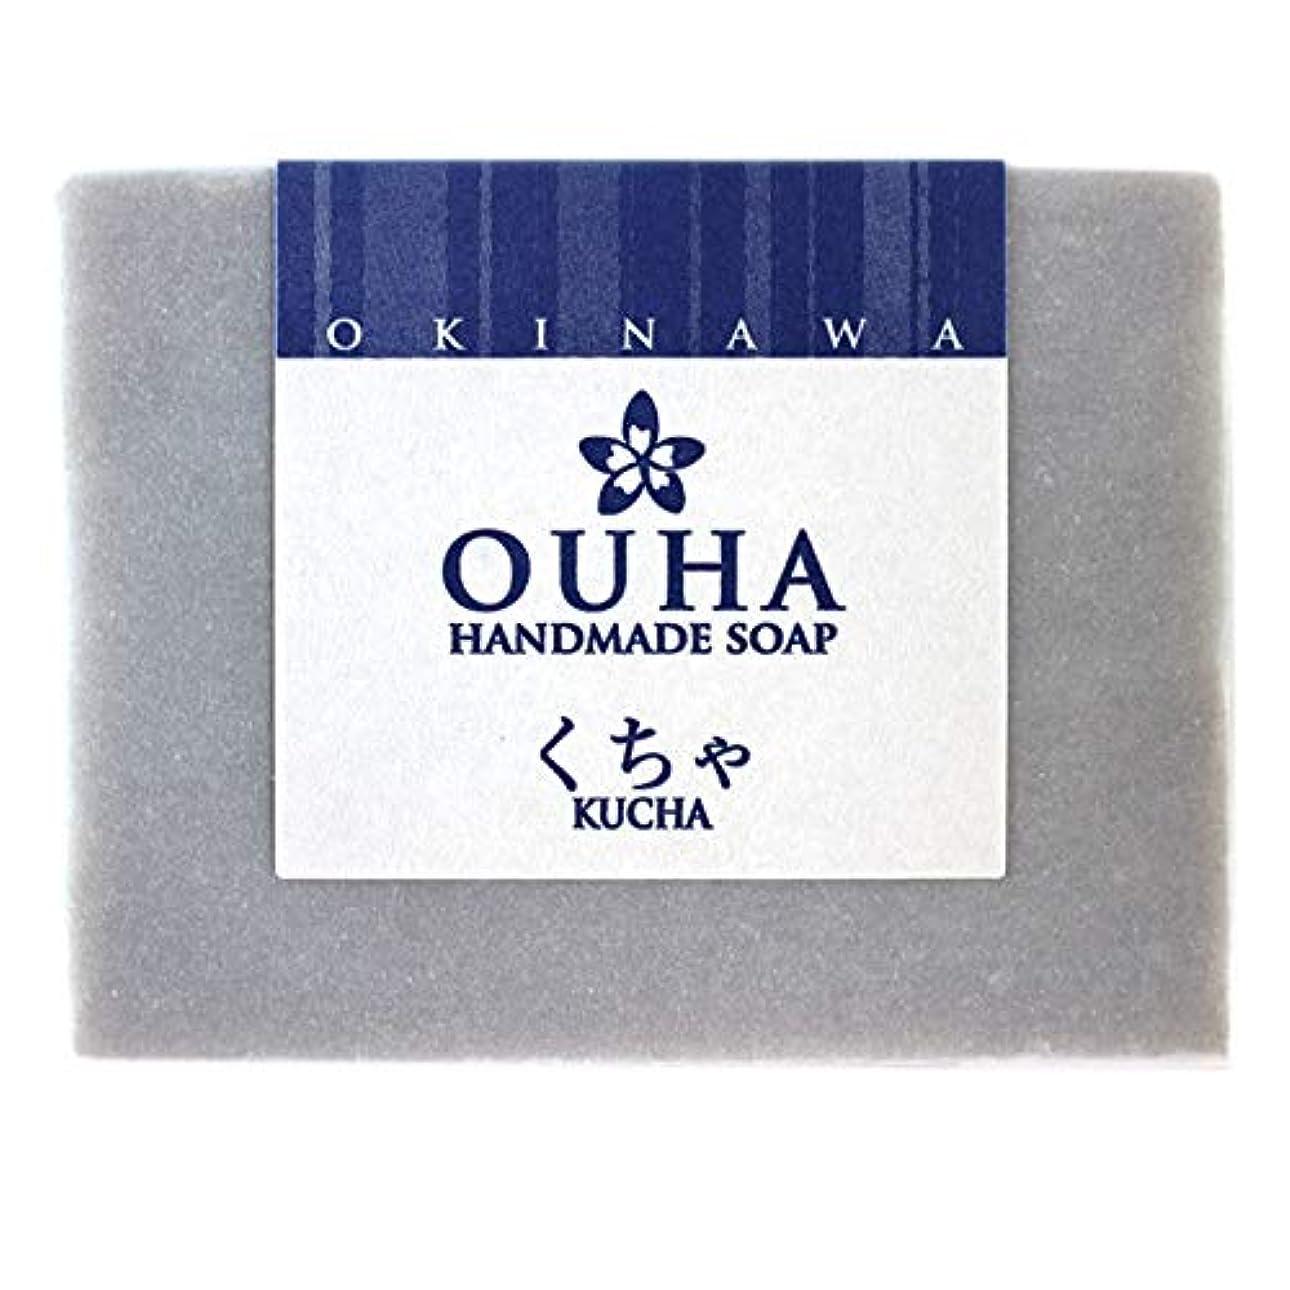 恐ろしいコントロール賄賂沖縄県産 OUHAソープ くちゃ 石鹸 100g 3個セット